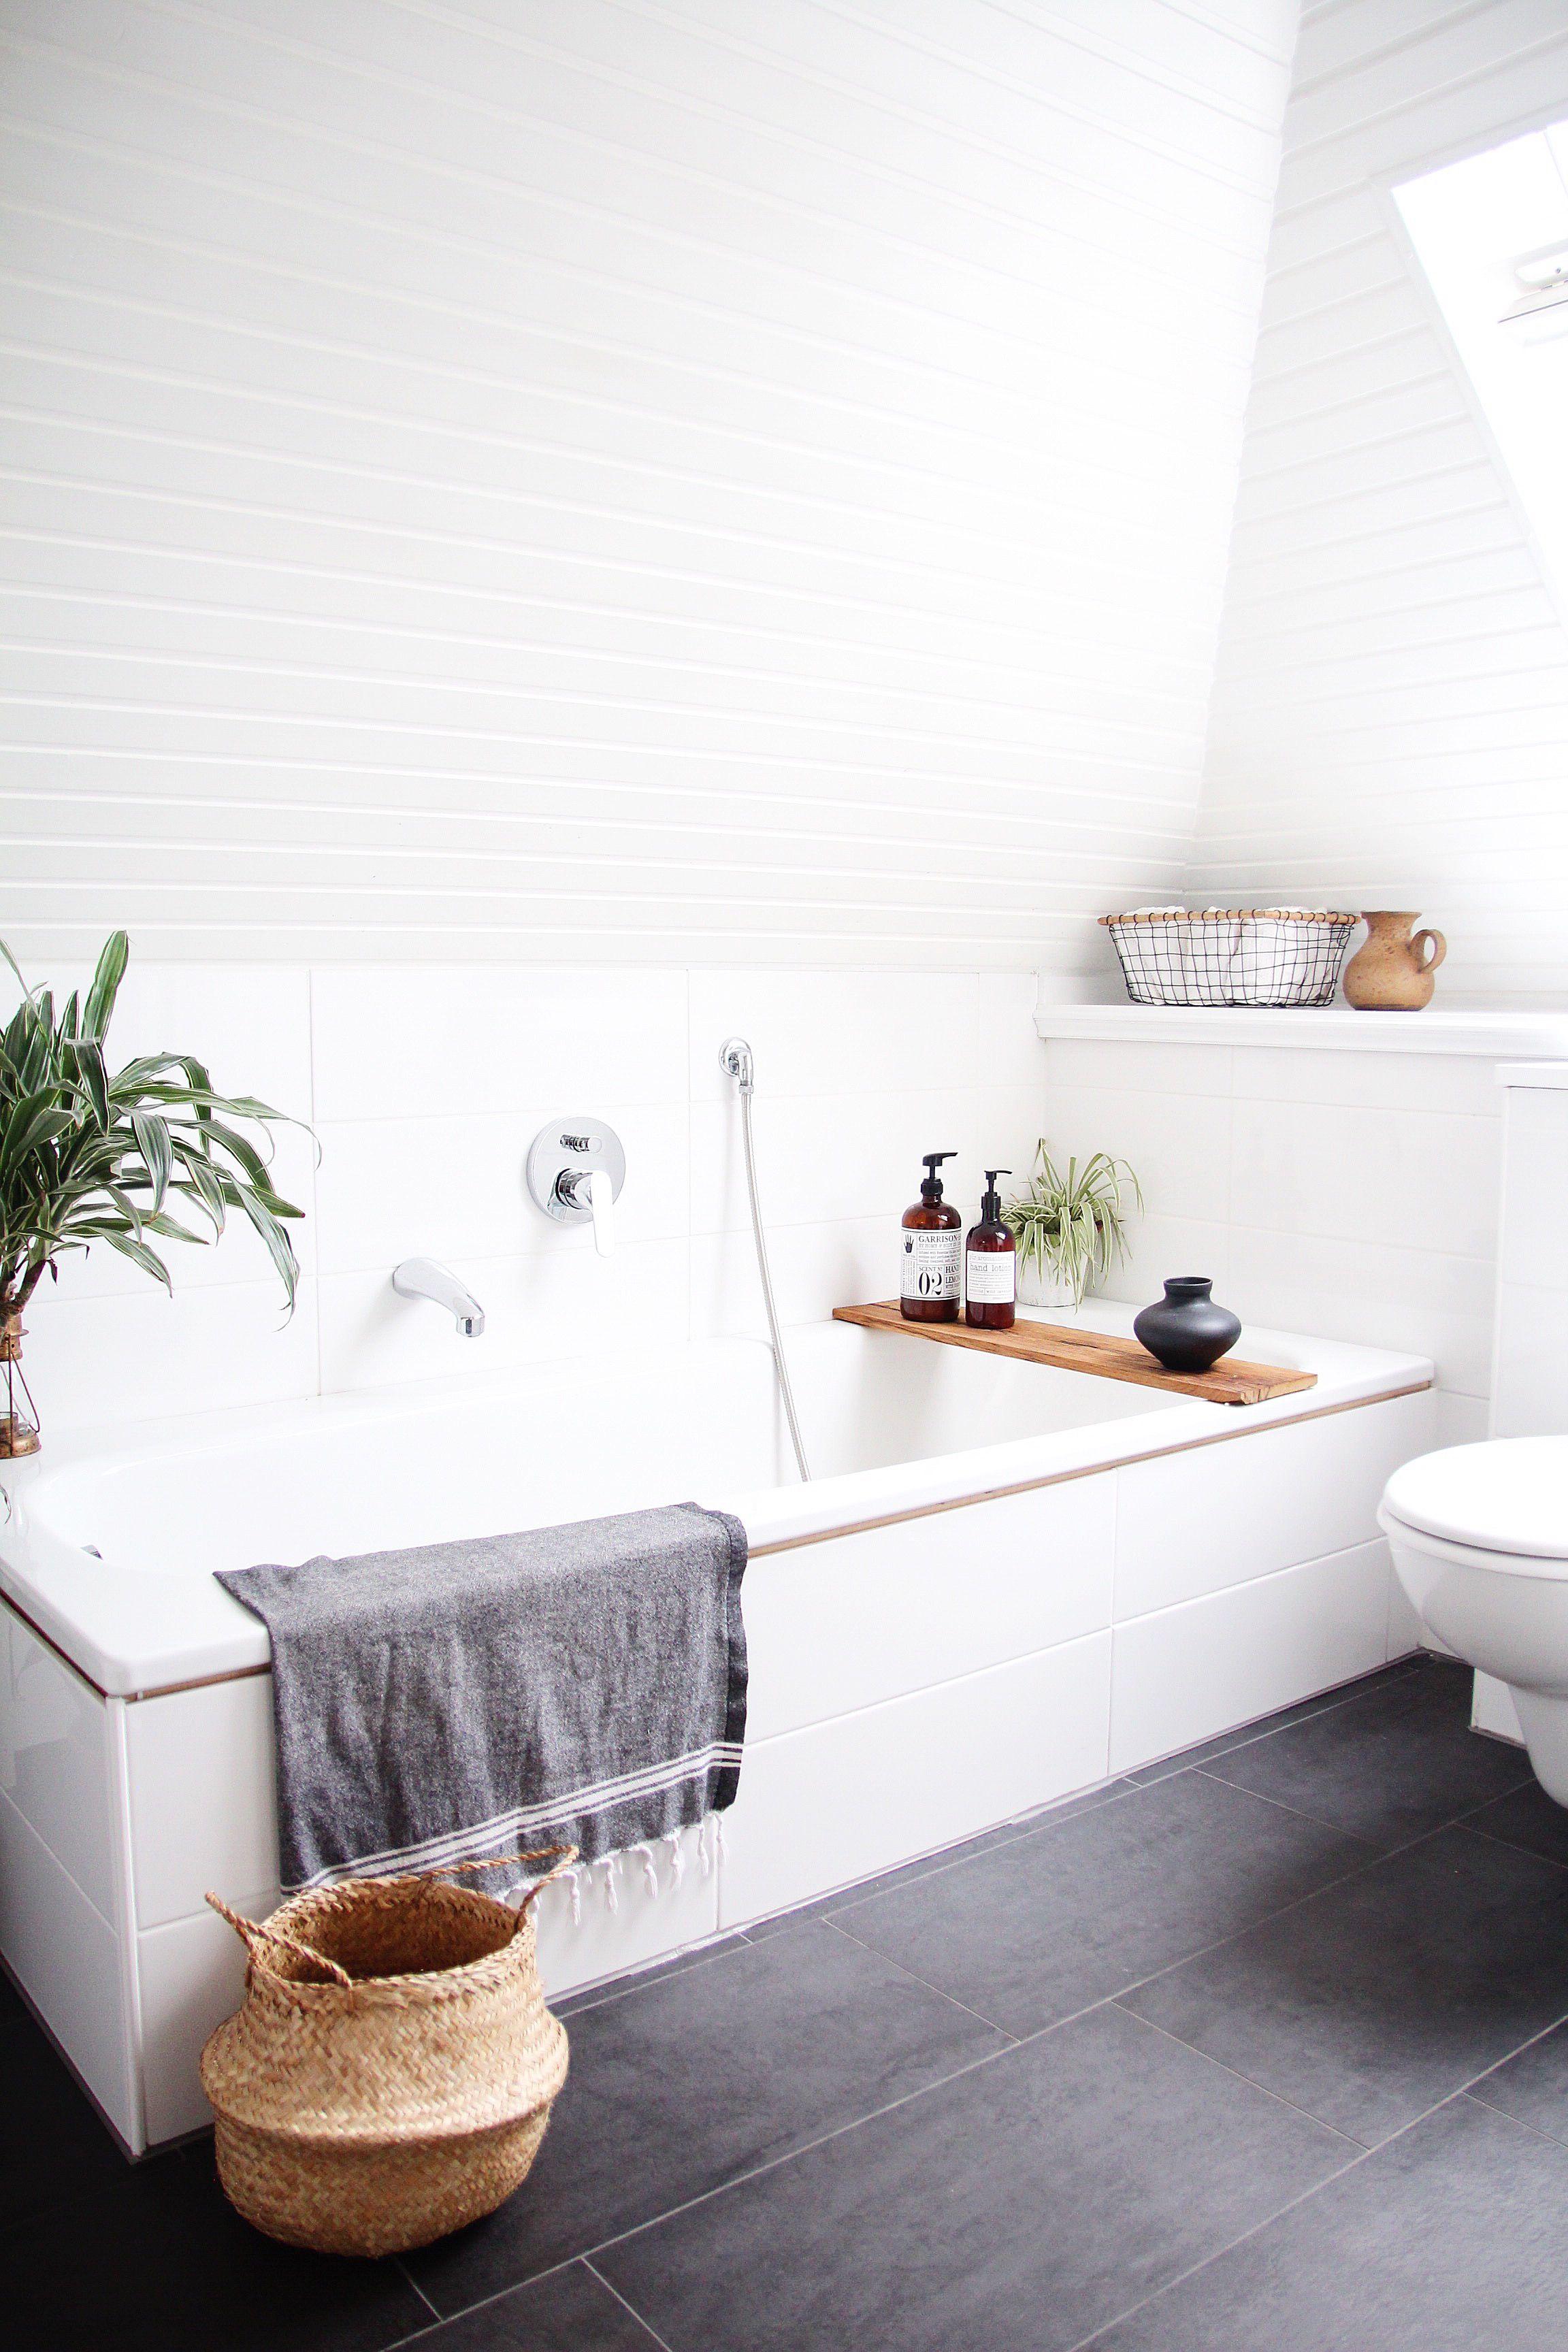 Badezimmer Selbst Renovieren Bad Einrichten Badezimmer